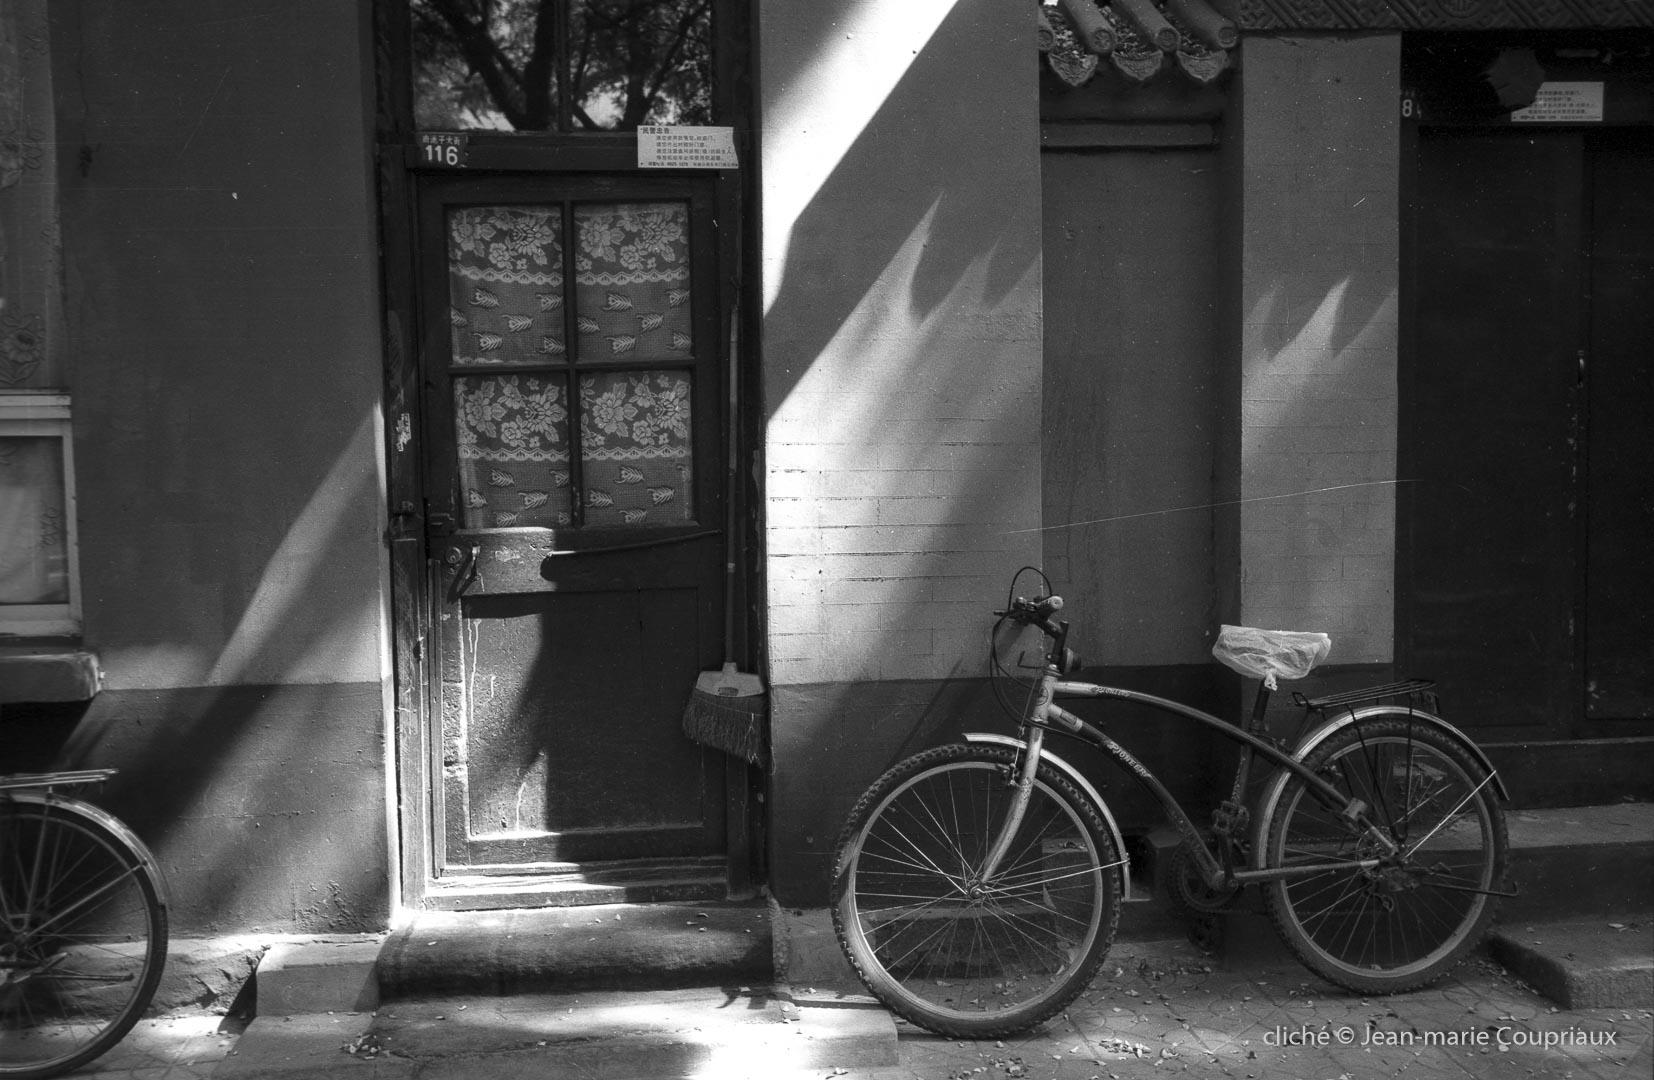 1999_Chine-negaNB-119